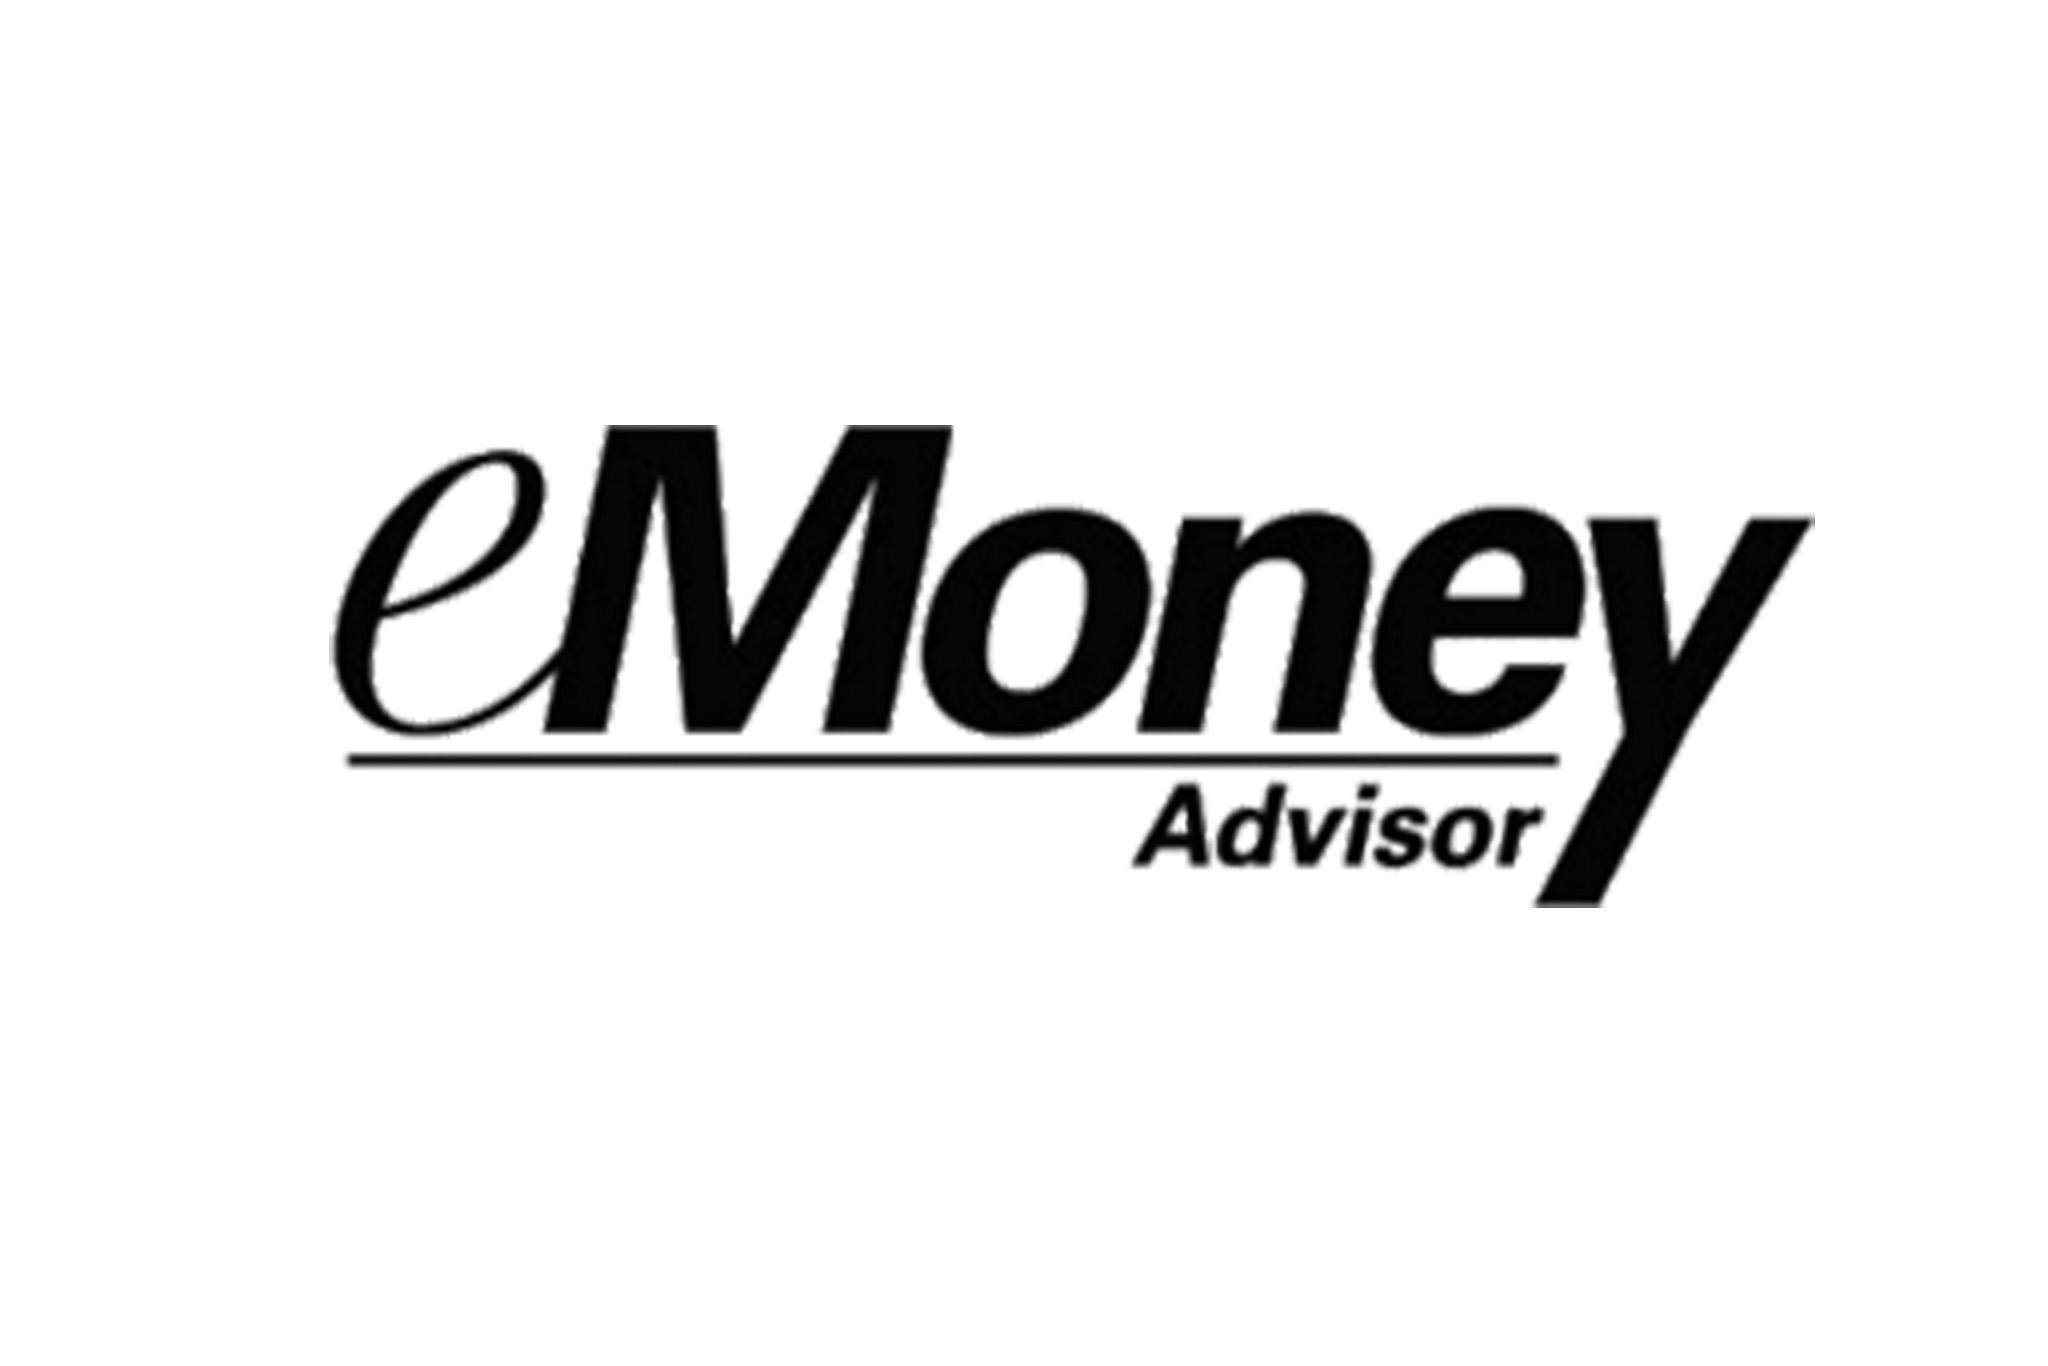 https://www.financialstaples.com/wp-content/uploads/2020/08/Financial-Staples-Emoney-Advisor.jpg